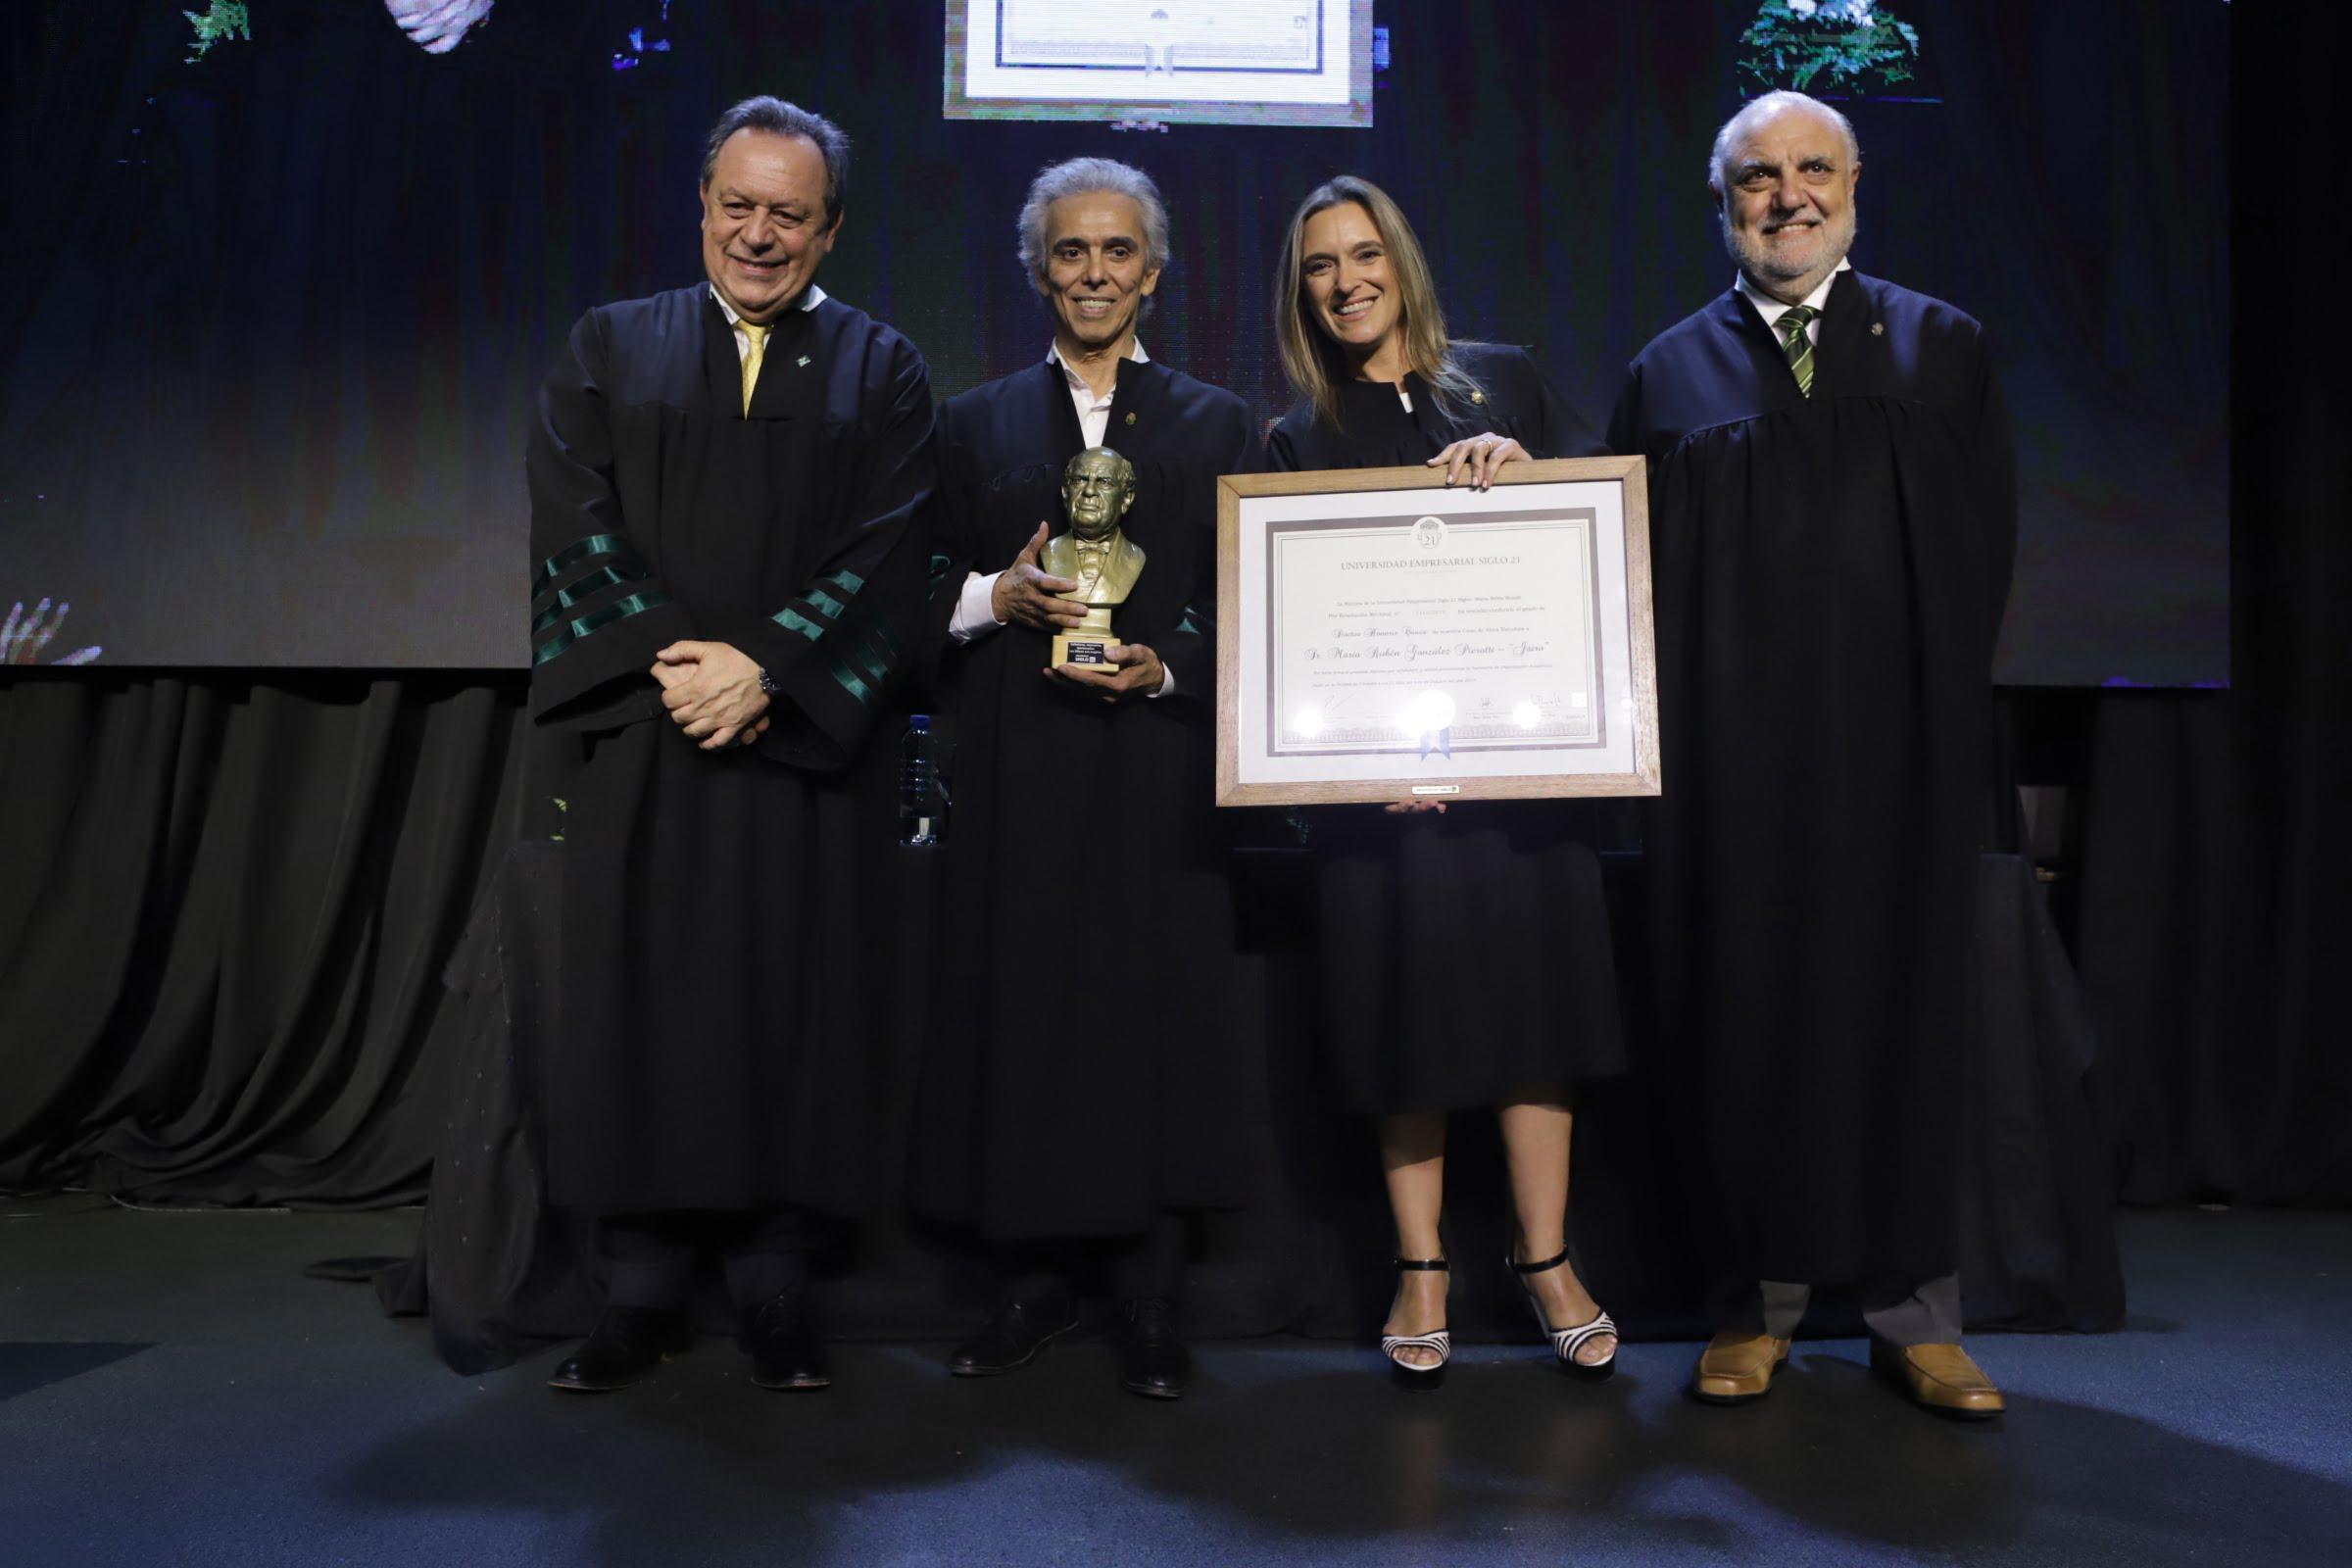 Jairo recibió el título de Doctor Honoris Causa de la Universidad Siglo 21